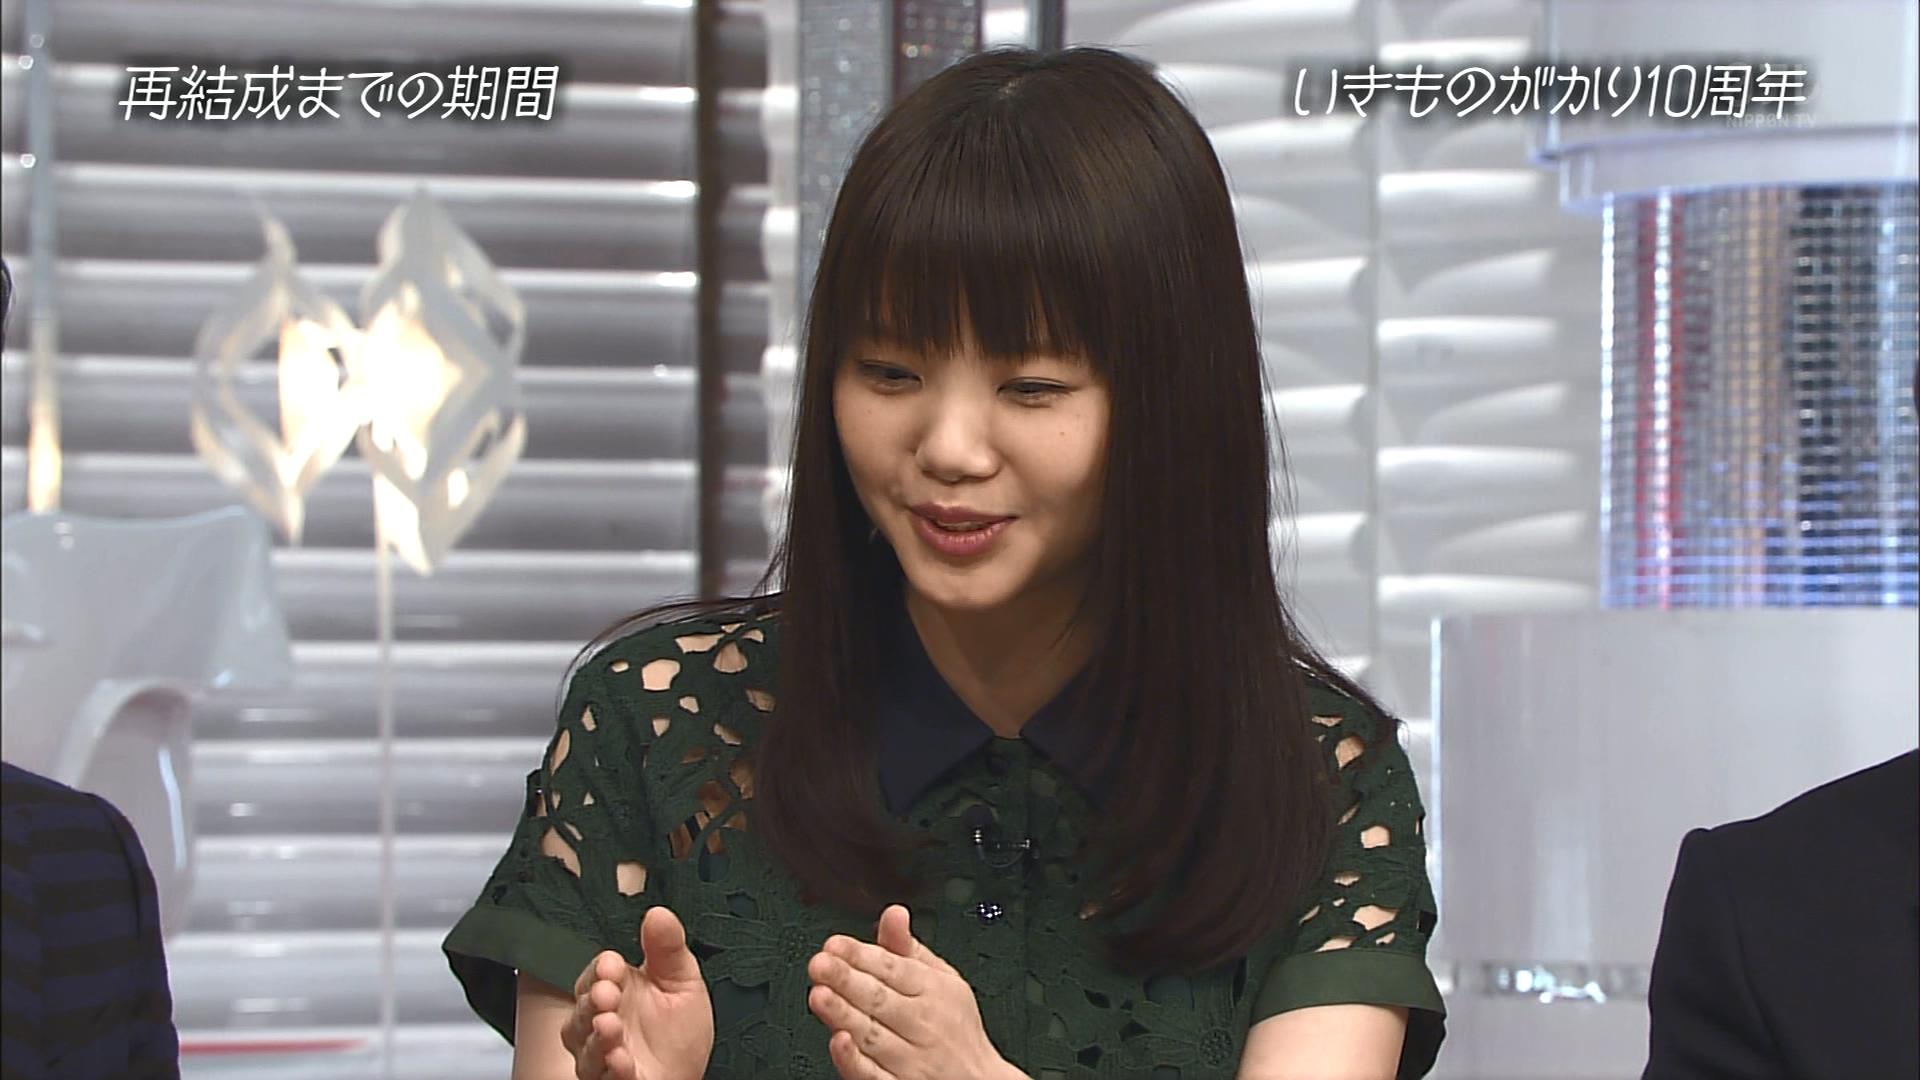 2016.03.13 全場(おしゃれイズム).ts_20160313_224433.407